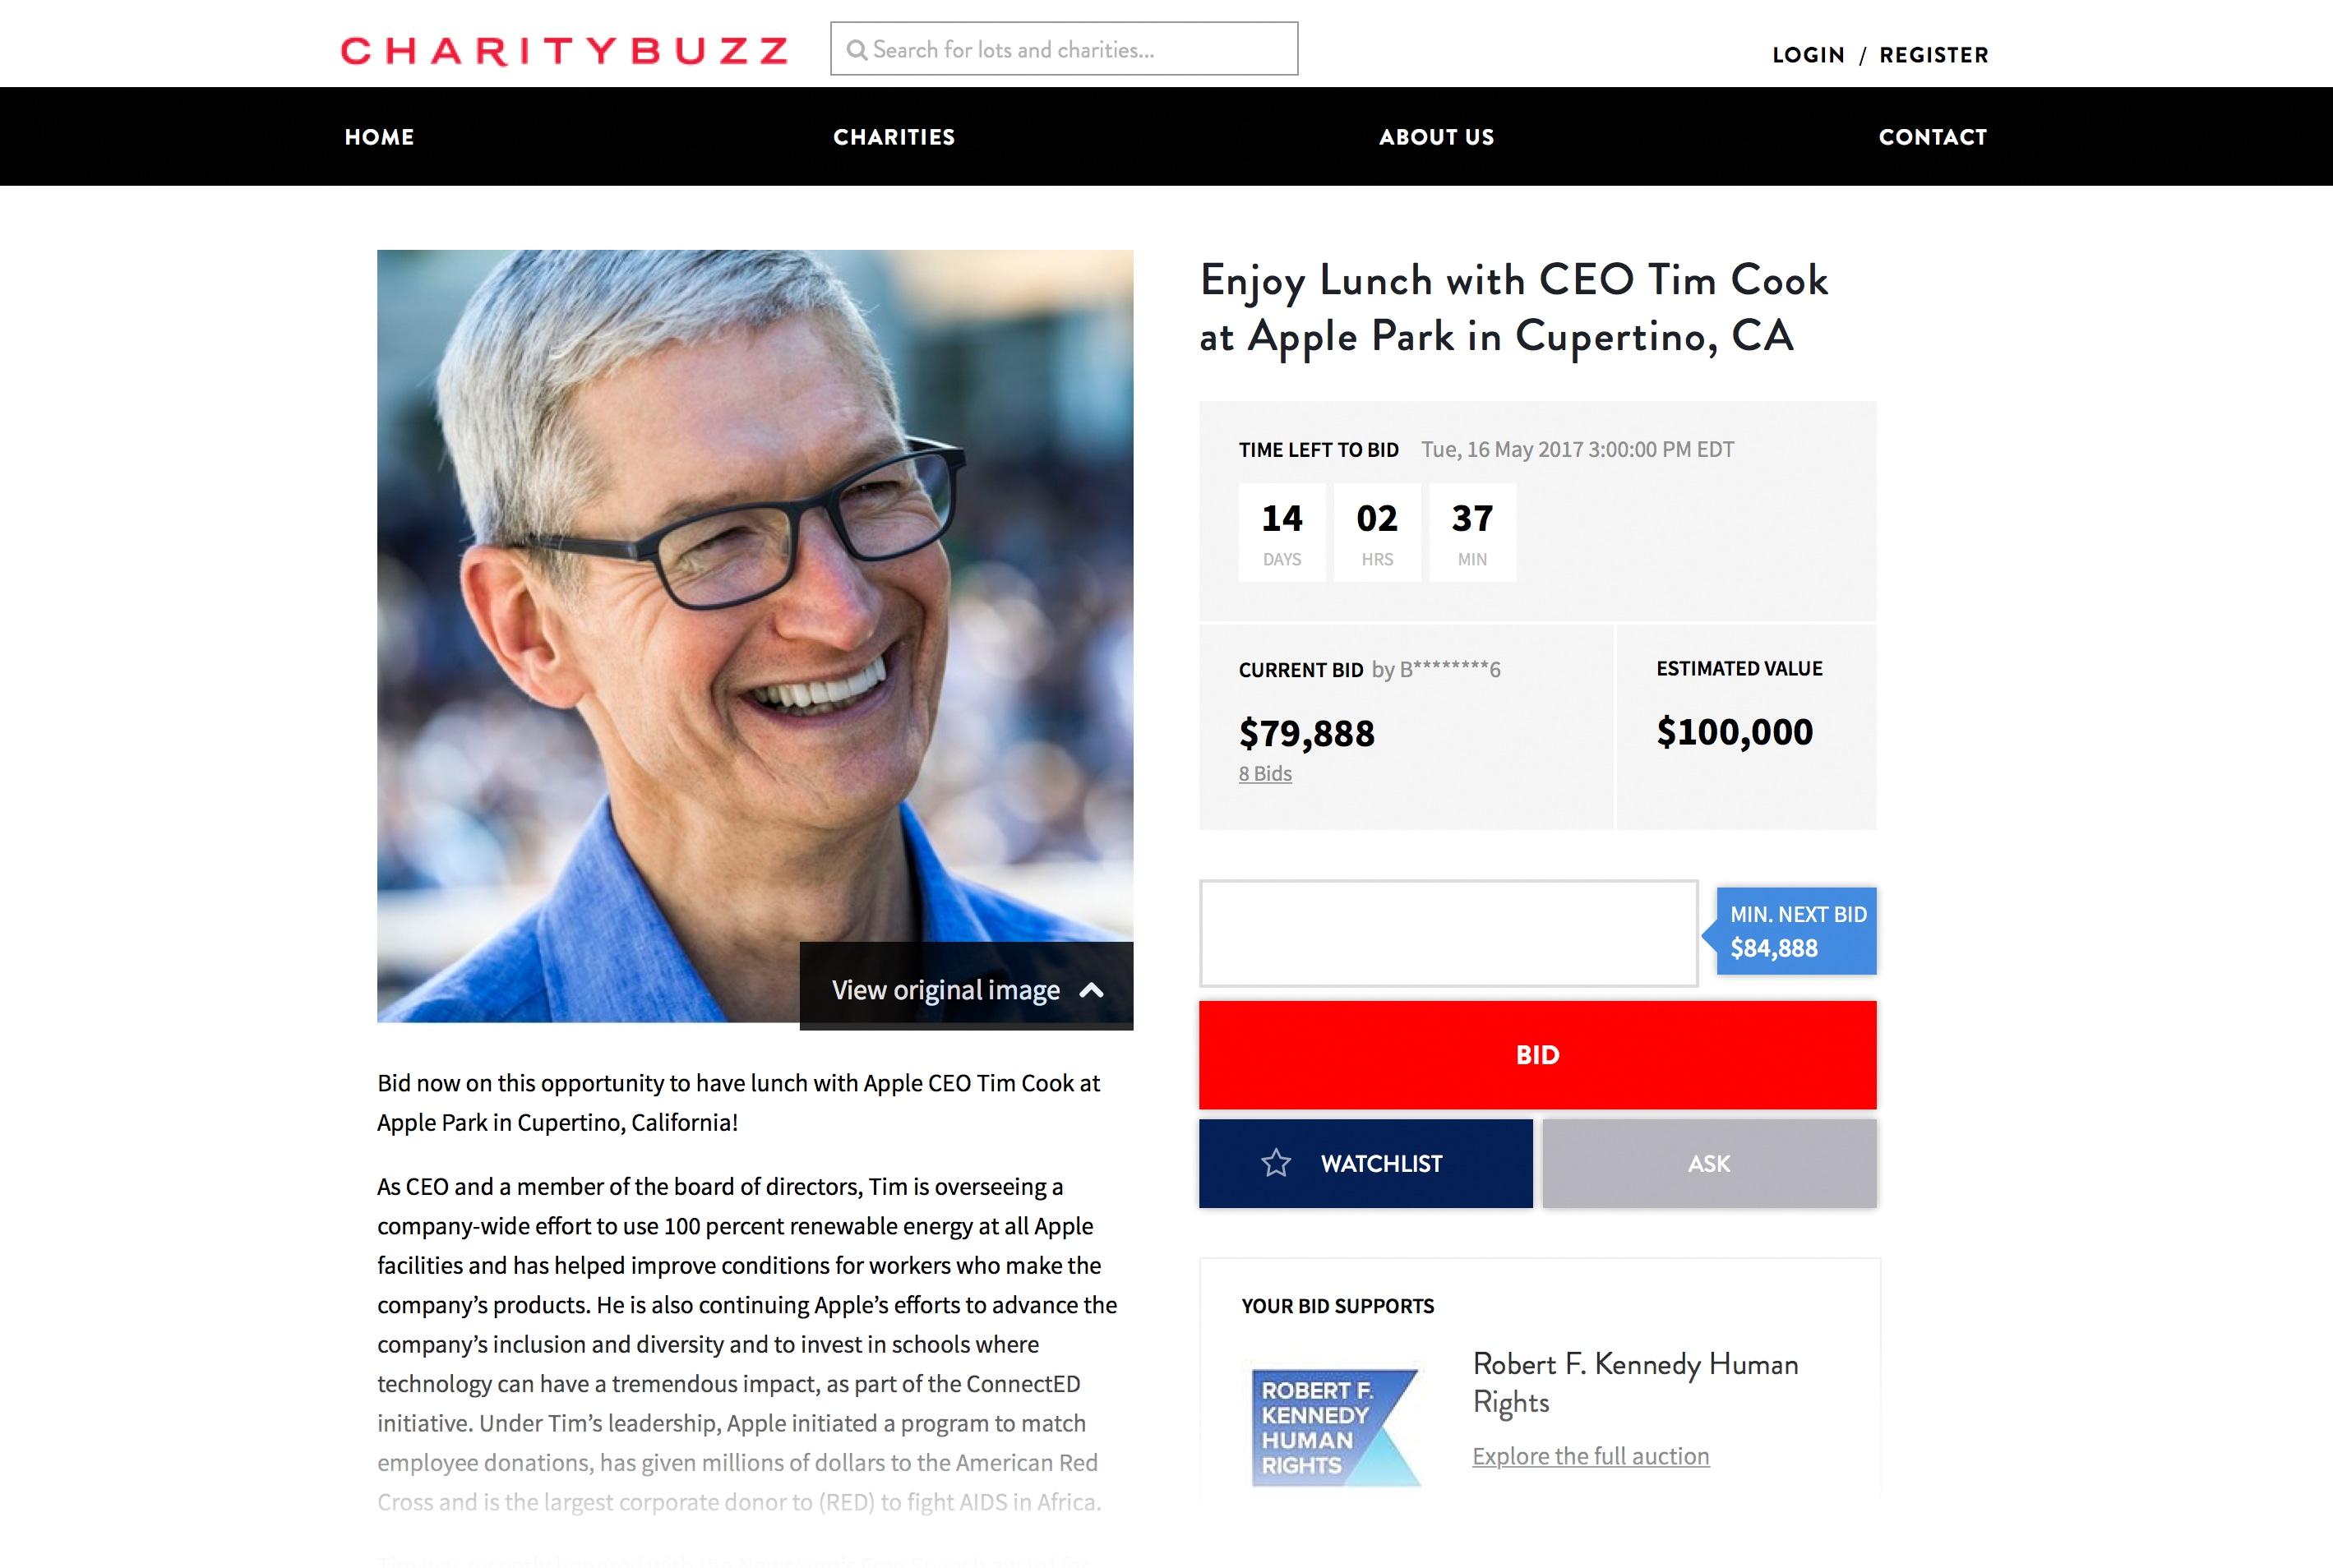 Página do leilão com Tim Cook (almoço no Apple Park)